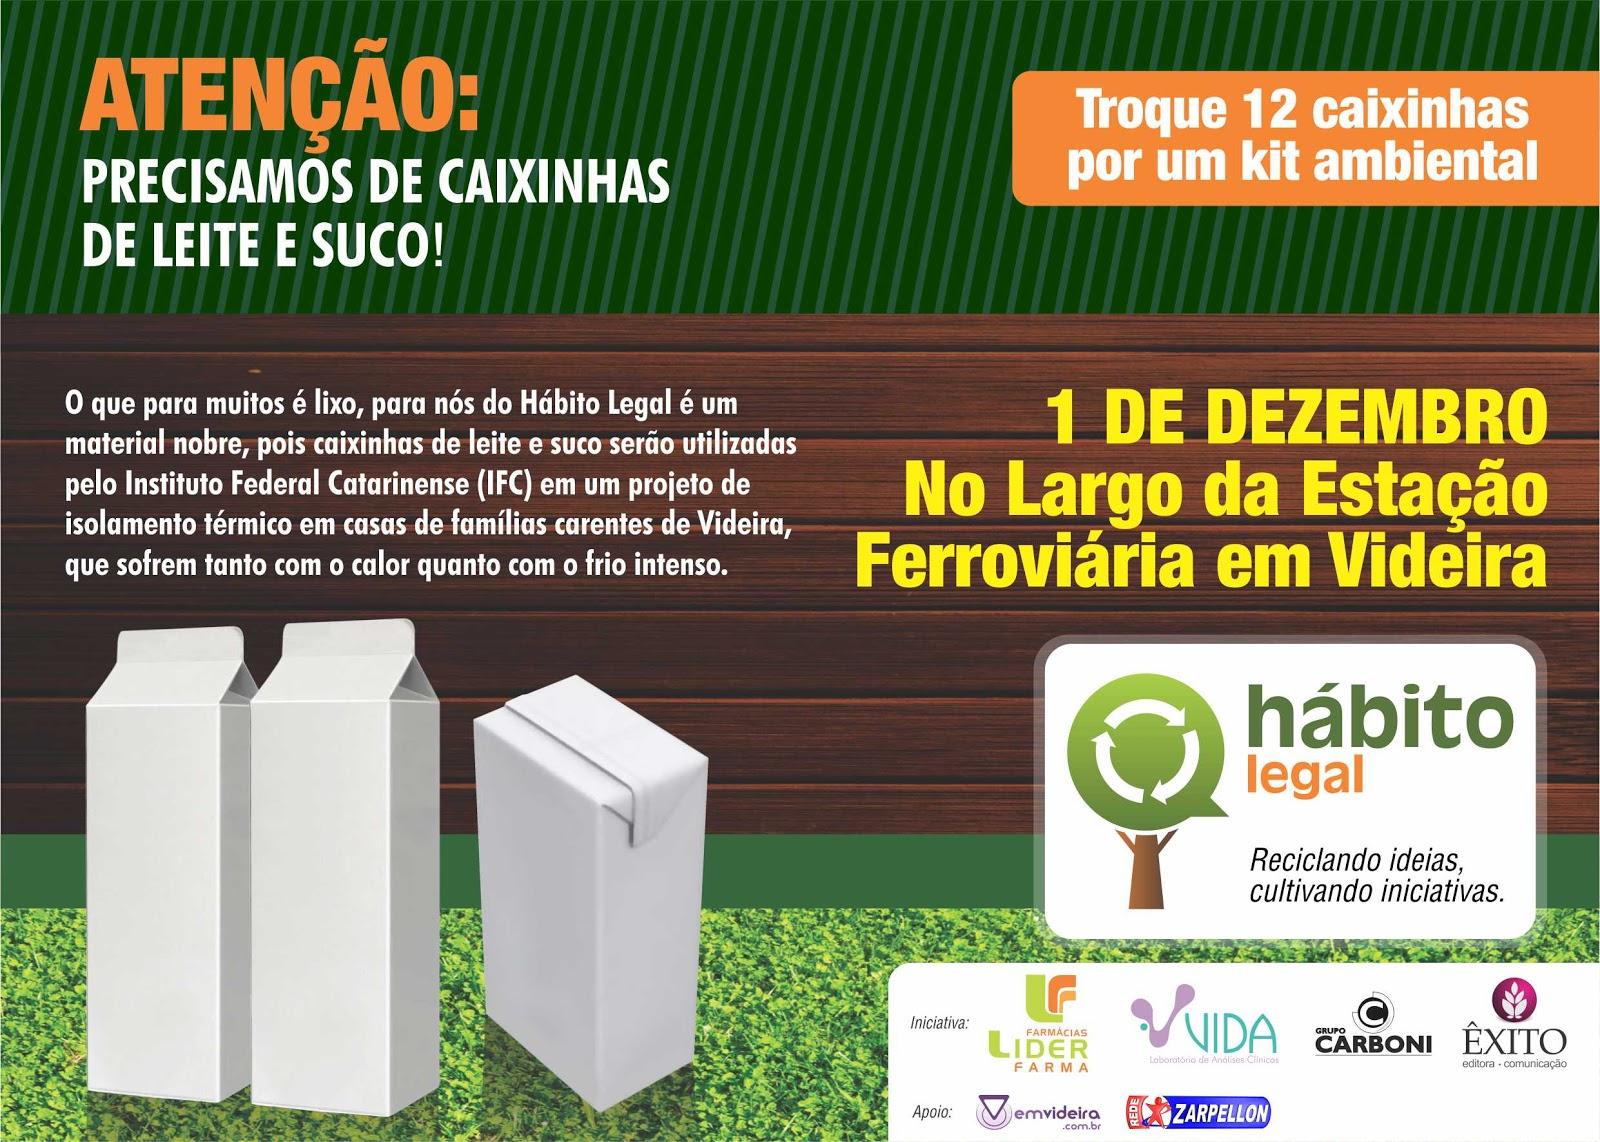 Hábito Legal: Recolhimento de caixinhas Tetra Pak é nesse sábado em Videira H%25C3%25A1bito%2520Legal Tetra%2520Pak Oficial